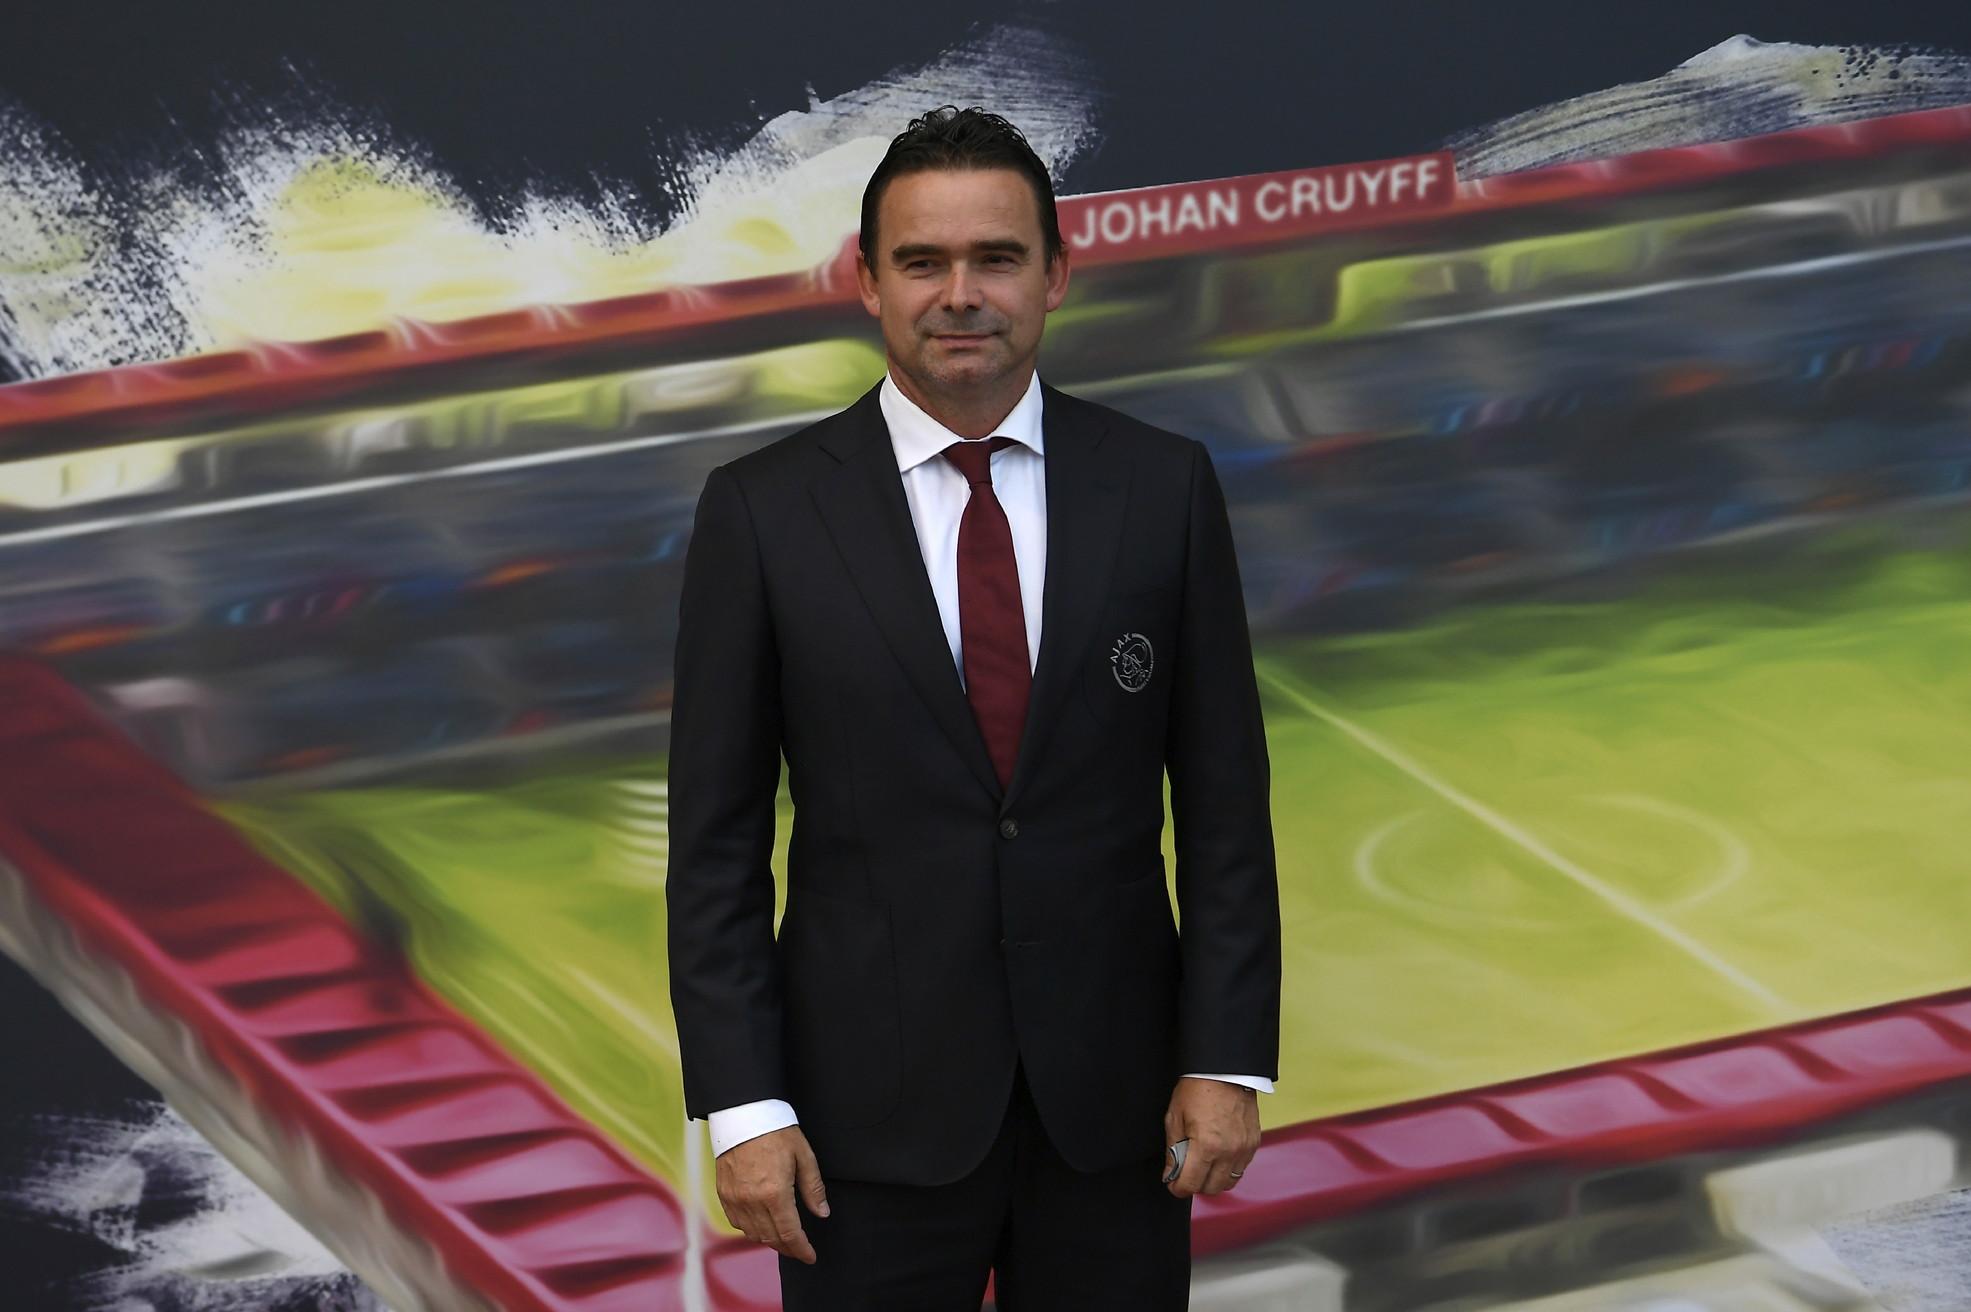 Miglior direttore sportivo dell'anno: Marc Overmars (Ajax)